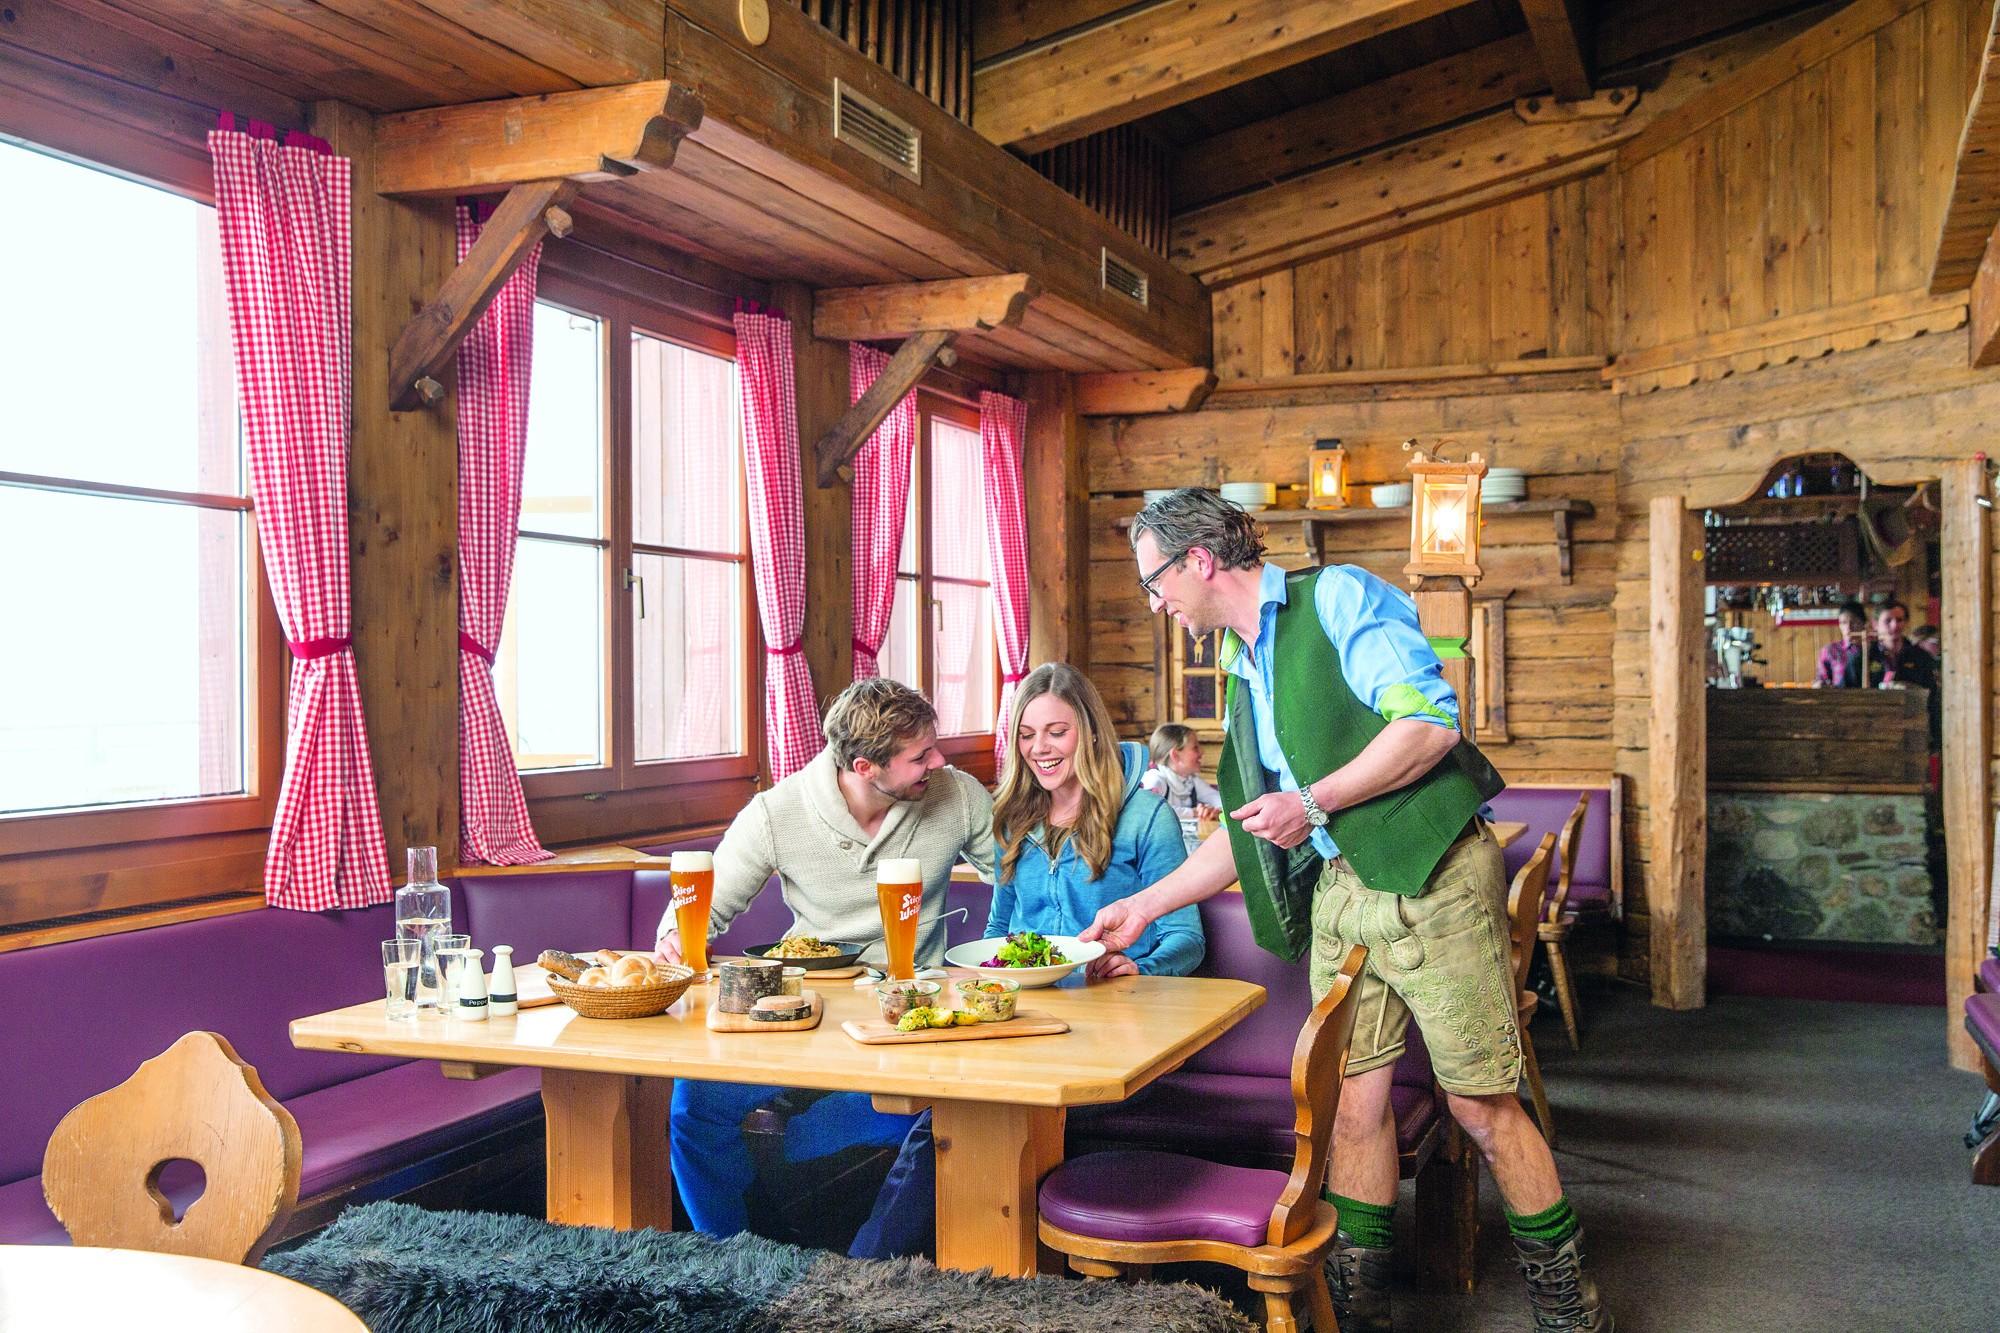 Gasthaus, Wirt, Traditionelle Einrichtung